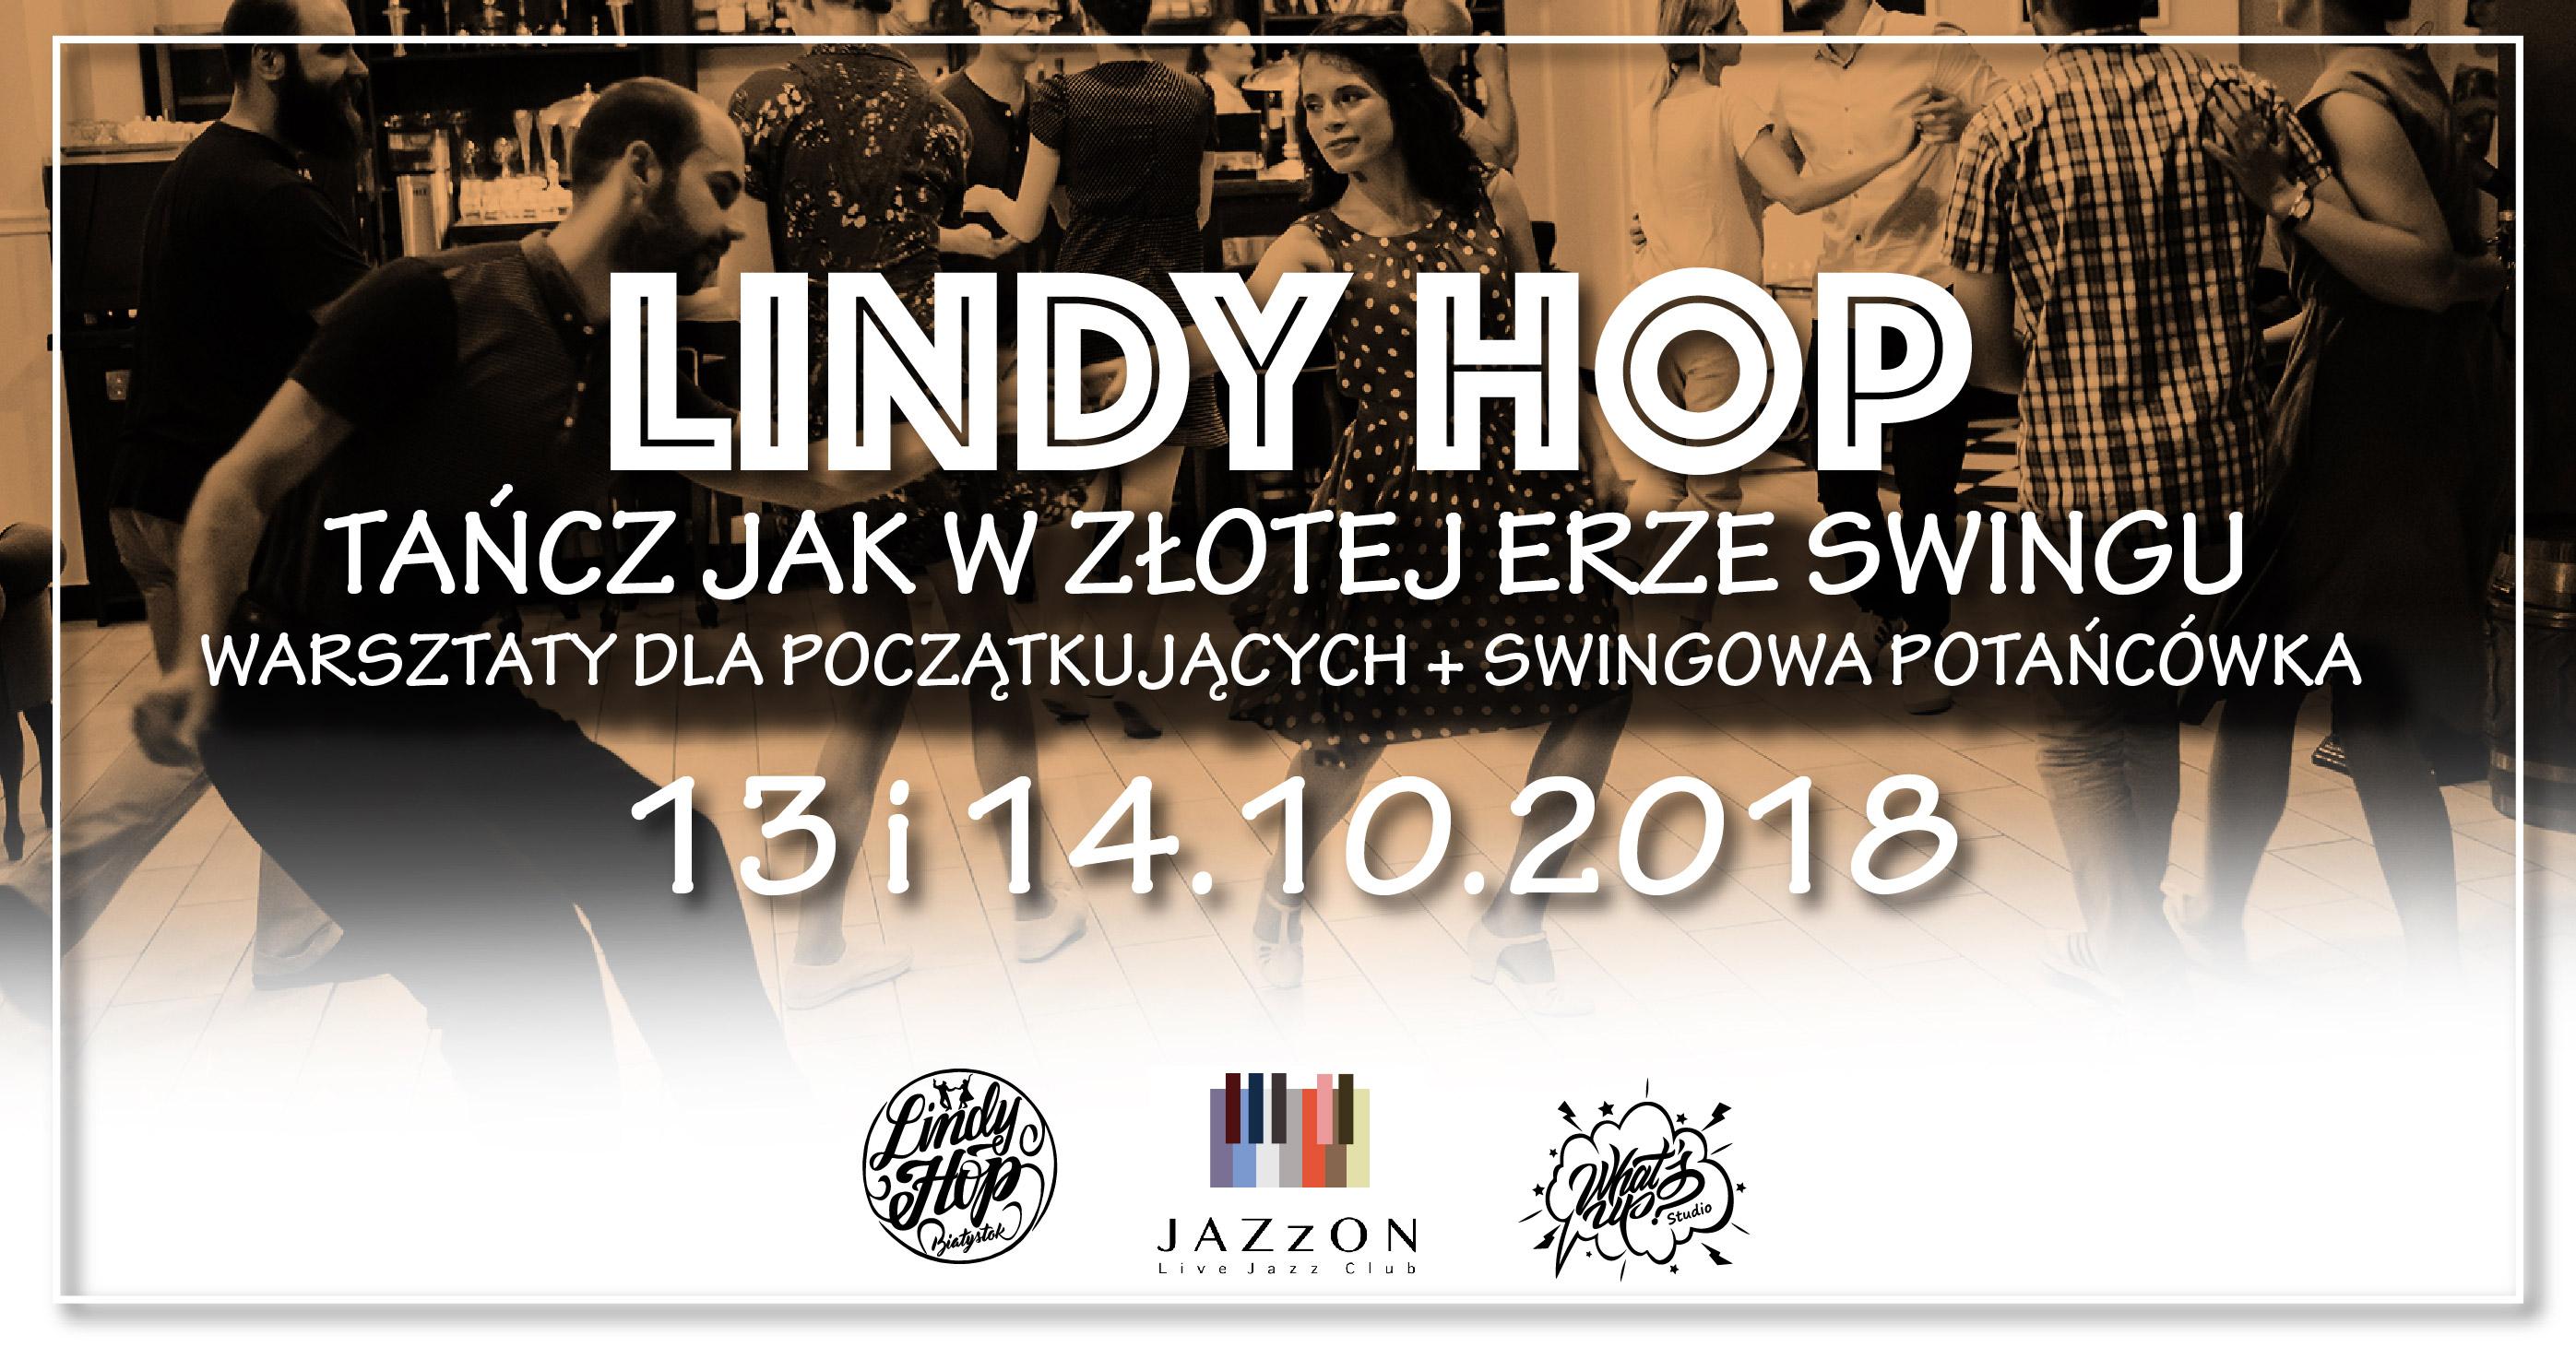 lindy hoop